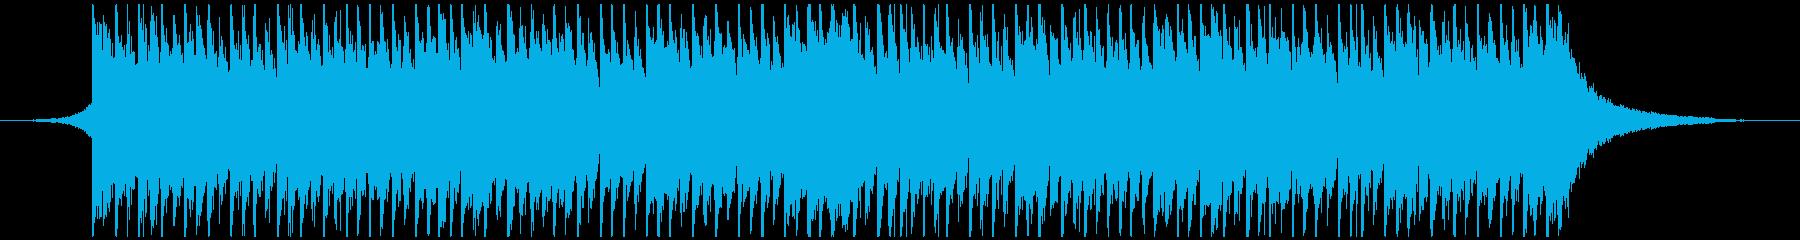 ハッピー・アップビート(短)の再生済みの波形